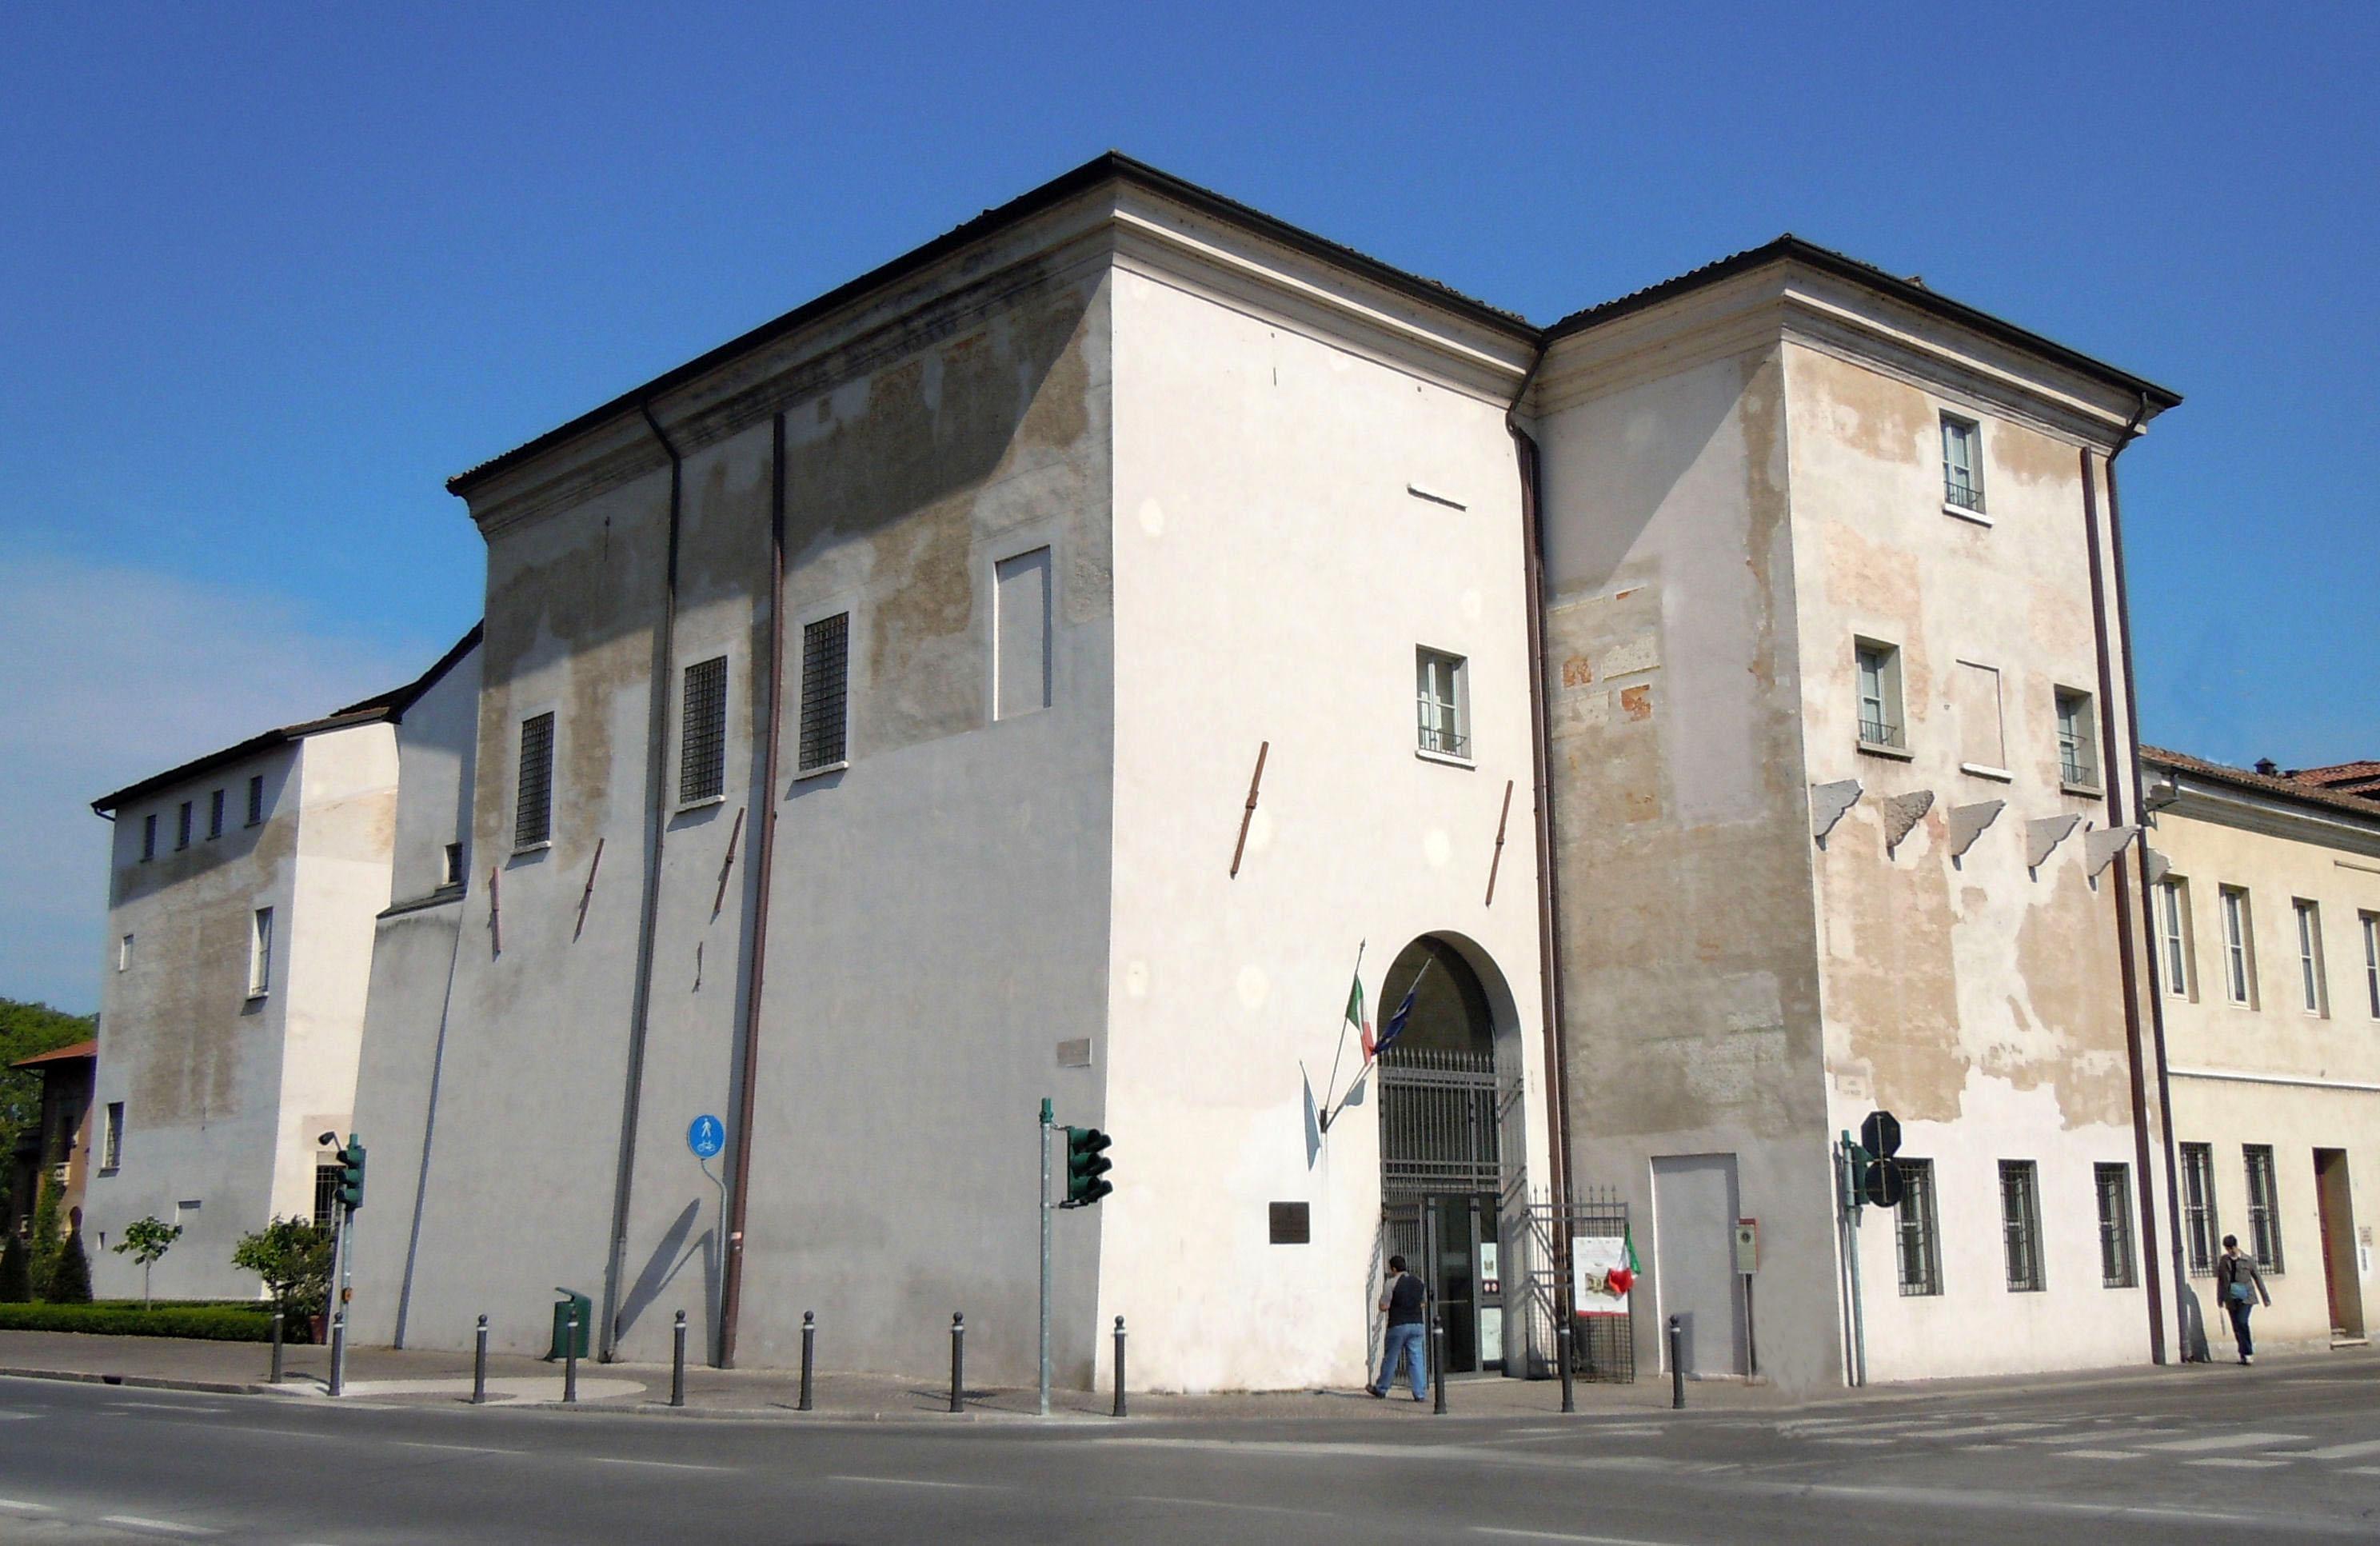 Museo della città di palazzo San Sebastiano - Wikipedia